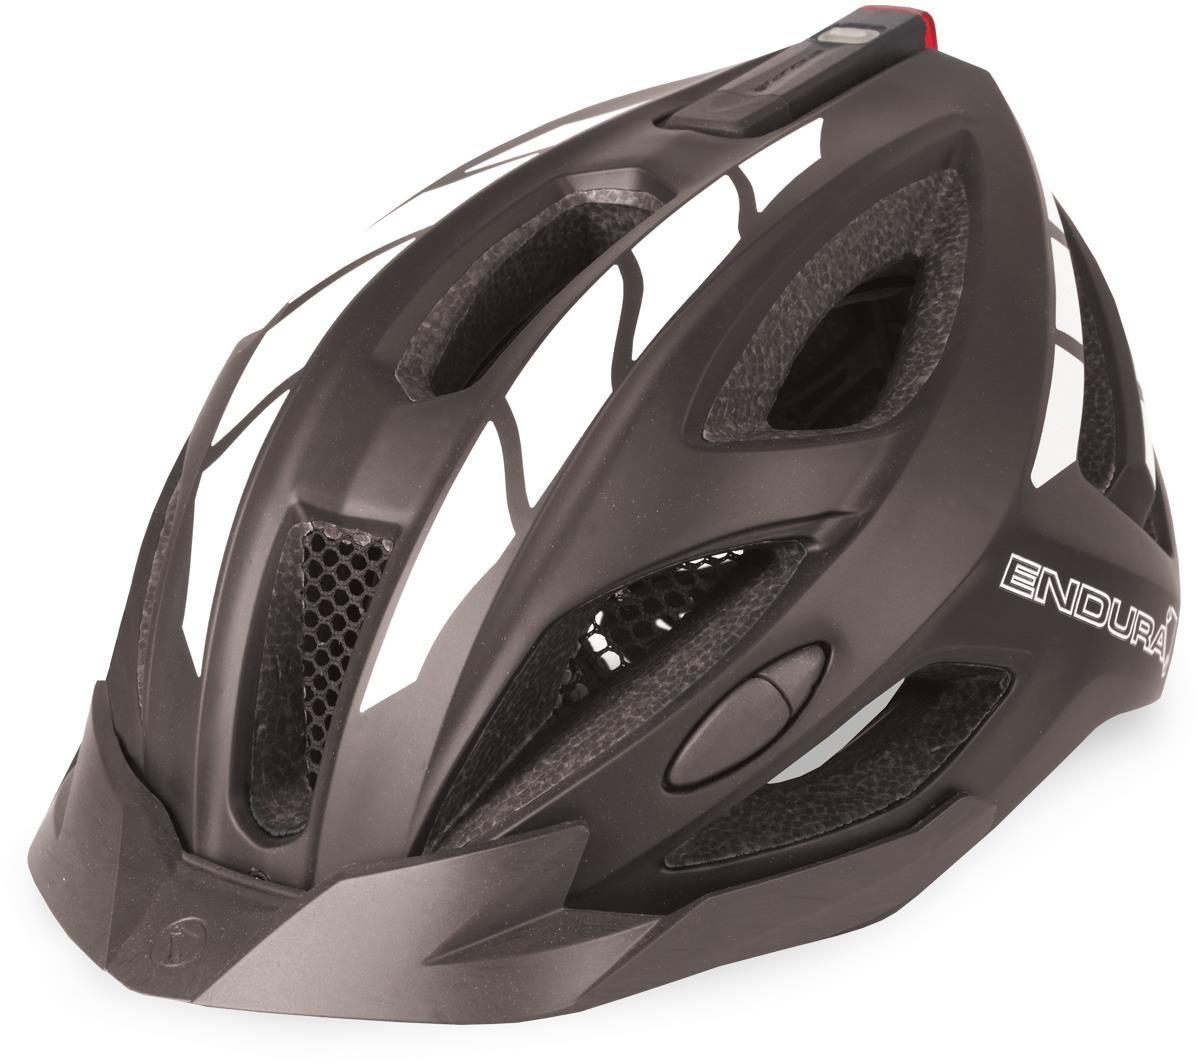 Endura Luminite Cycling Helmet | Helmets